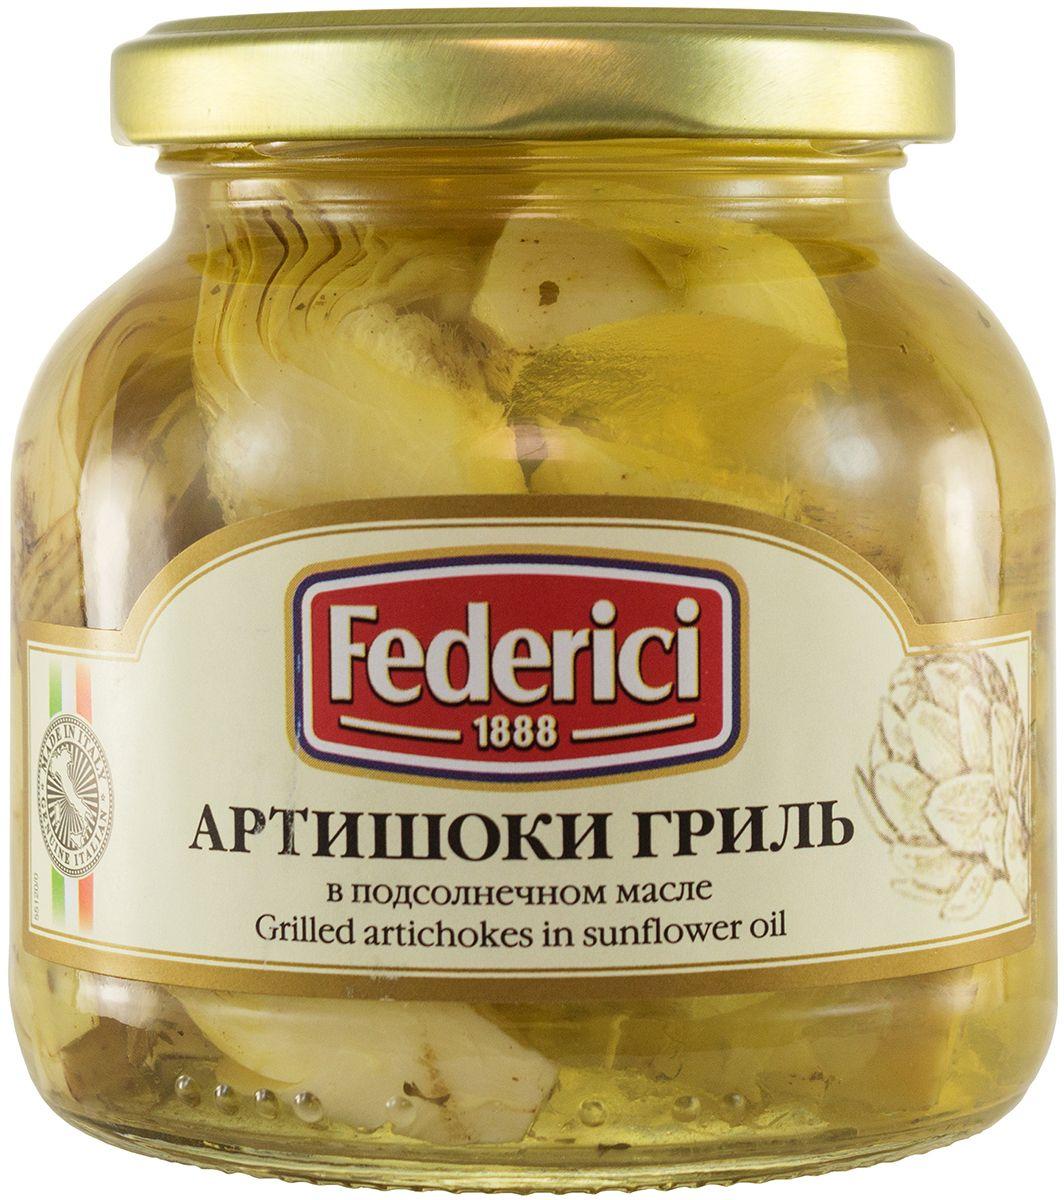 Federici Артишоки гриль в подсолнечном масле, 280 г артишоки masiello с хвостиком в подсолнечном масле 510 г